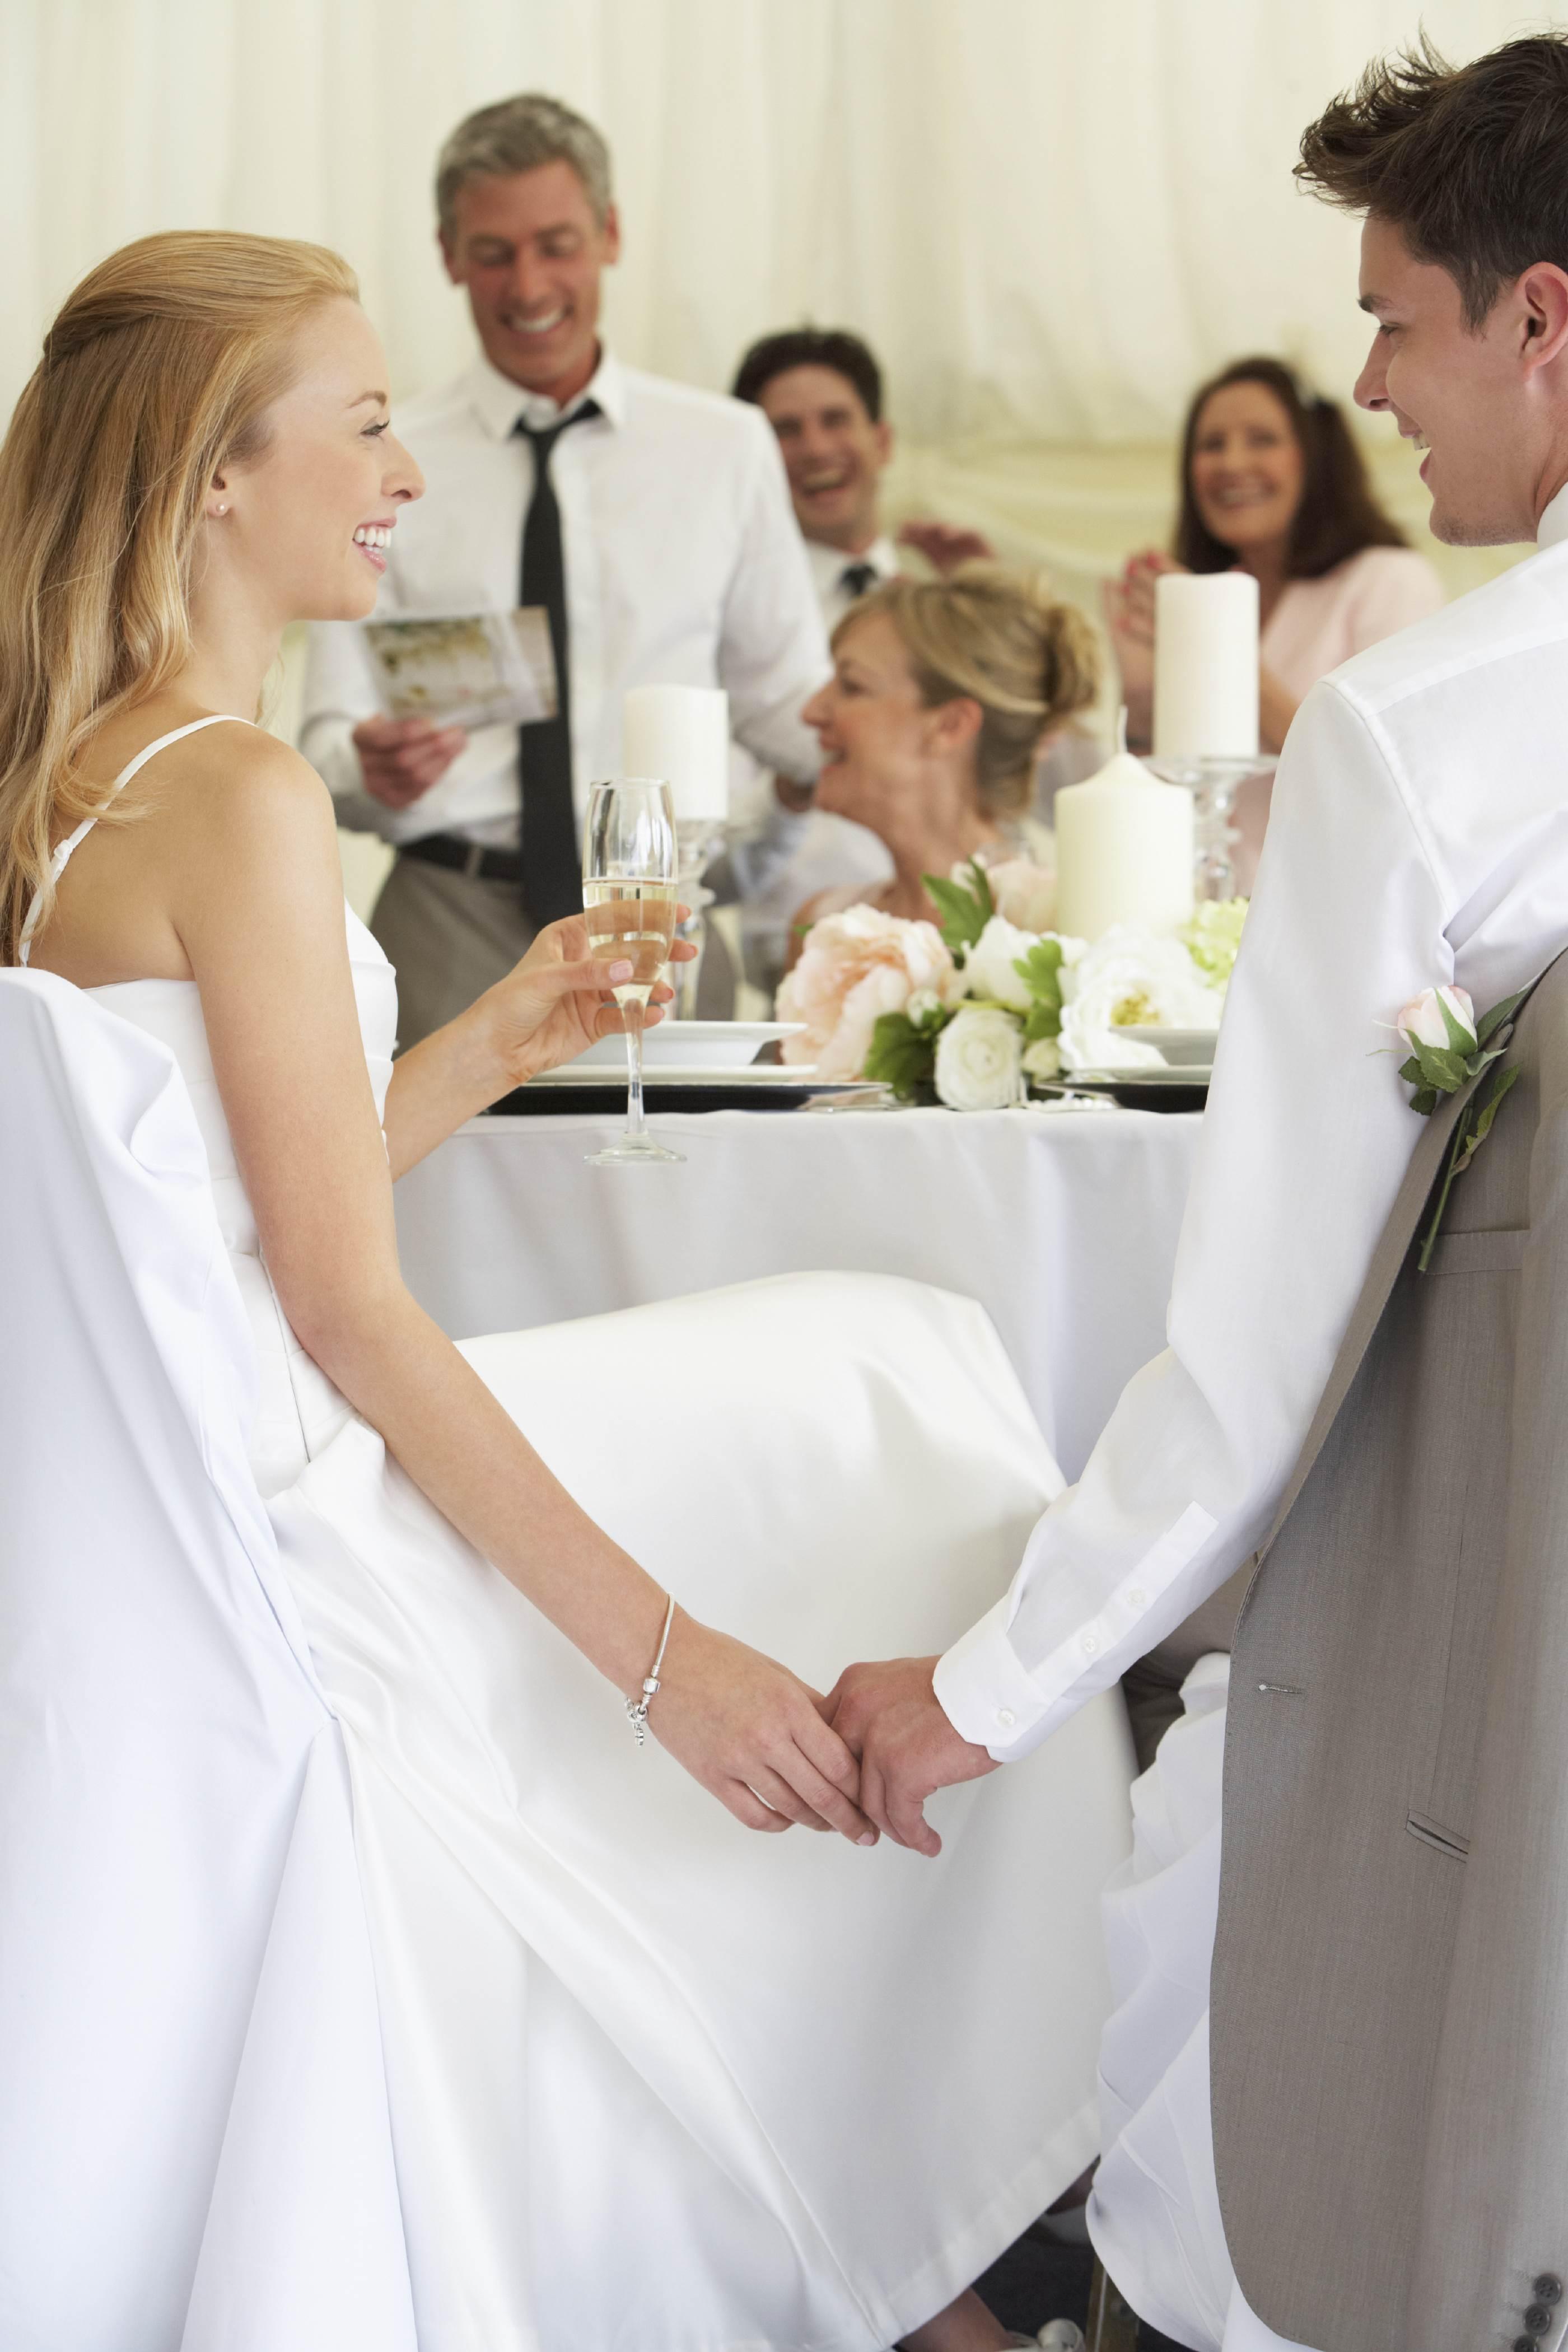 Die Hochzeitsrede  Die perfekte Ansprache frs Brautpaar